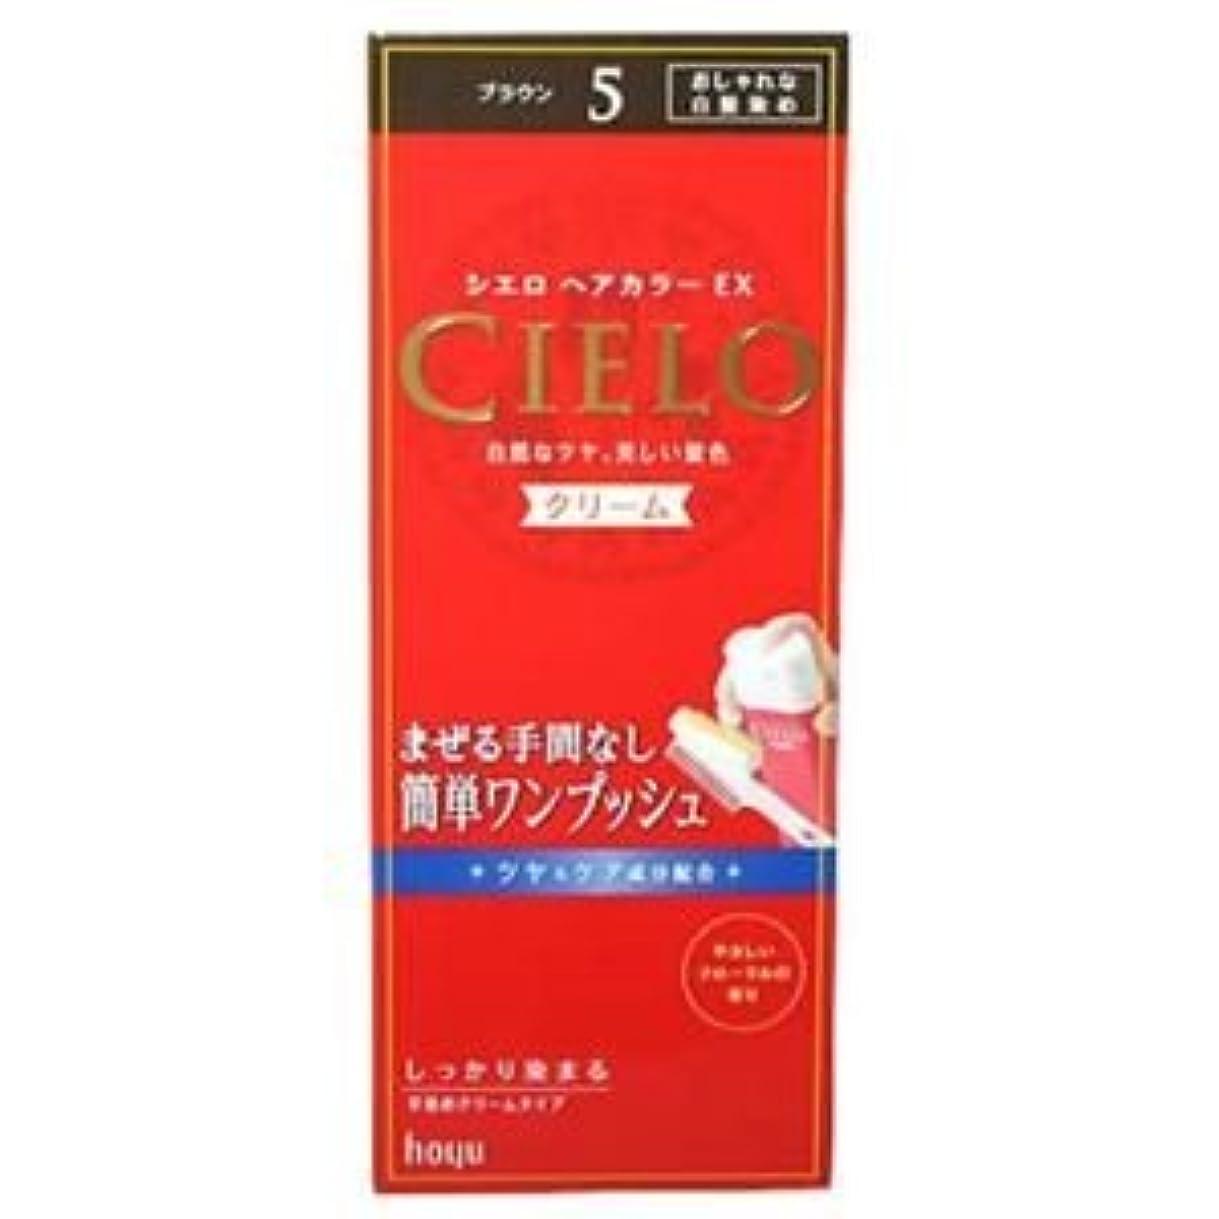 フロントレイ乱雑なシエロ ヘアカラーEX クリーム5 (ブラウン) 7セット